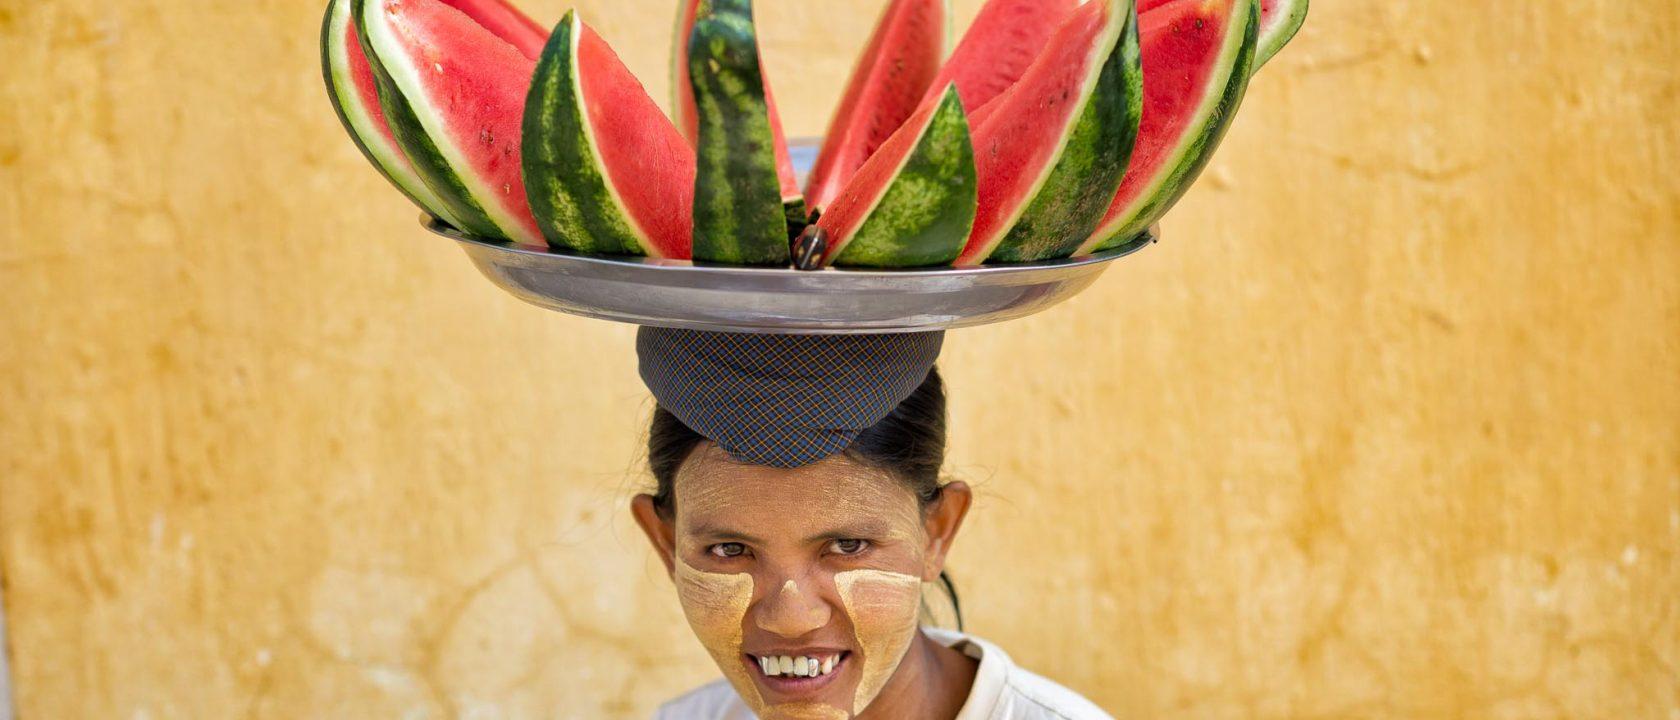 Fotoreise nach Myanmar - Melonenverkäuferin